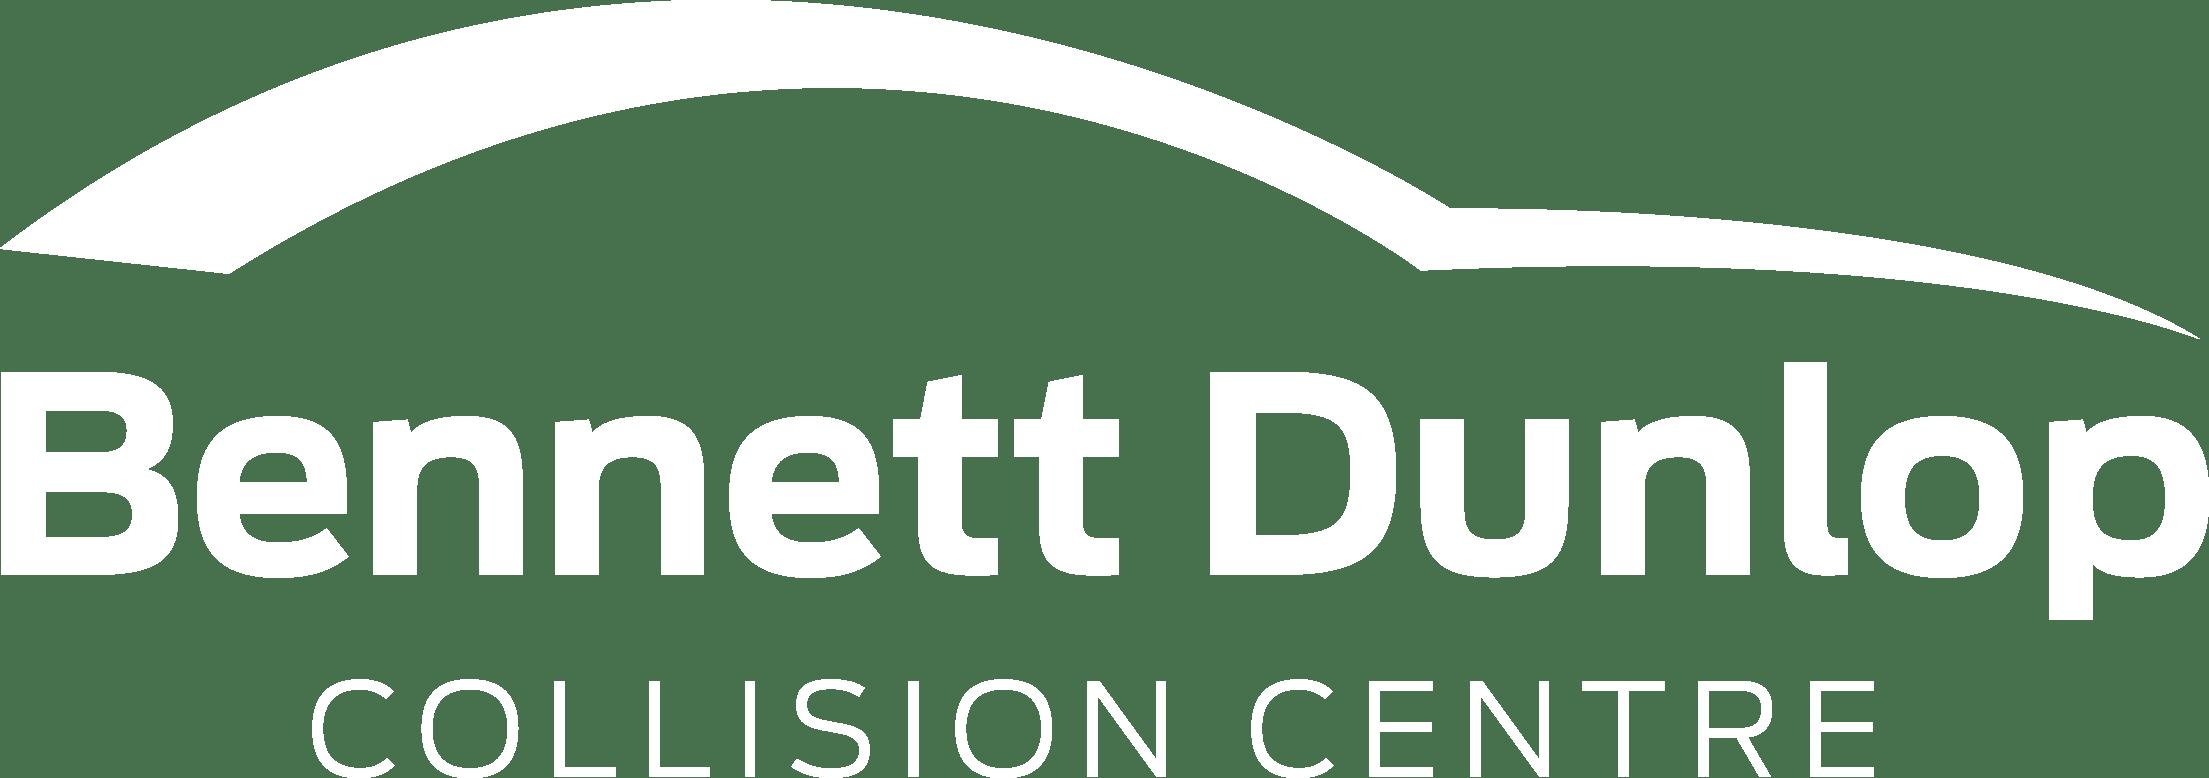 Bennett Dunlop Collision Centre